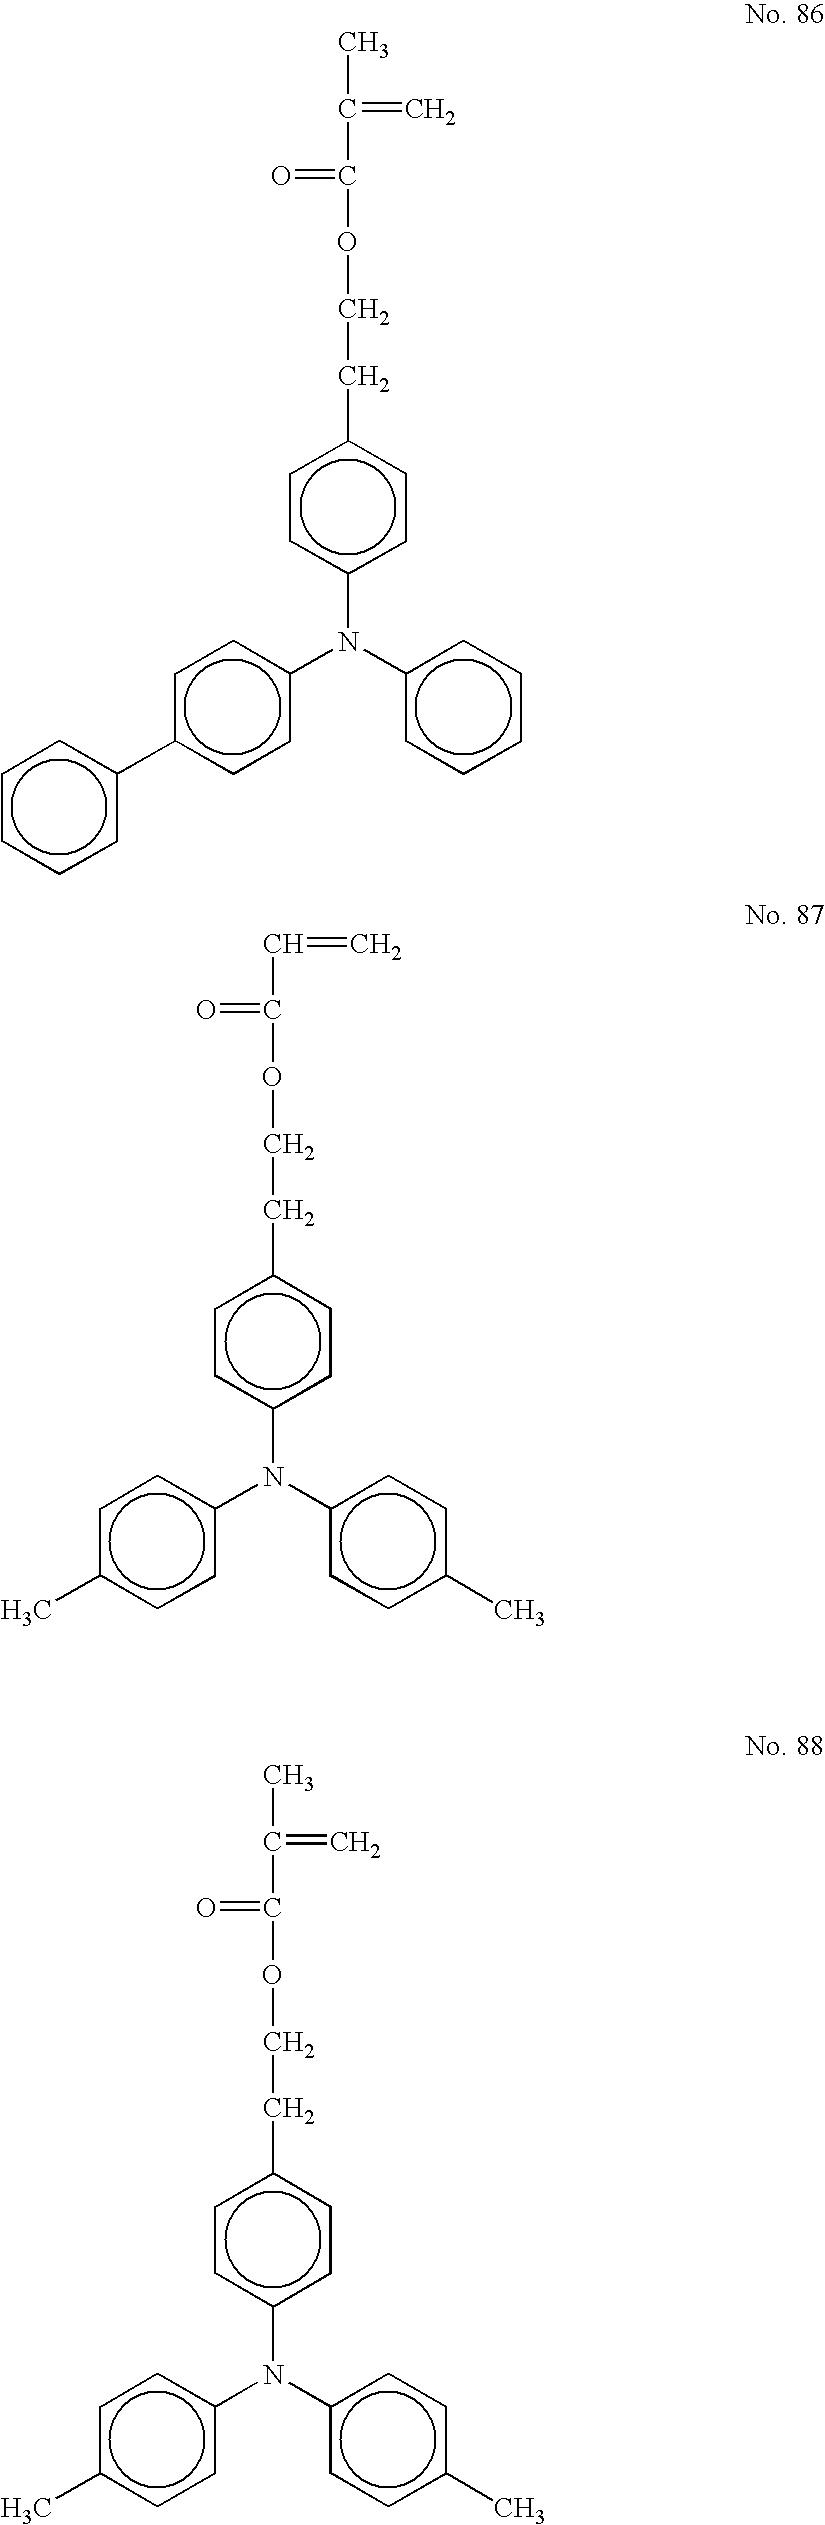 Figure US20050158641A1-20050721-C00042